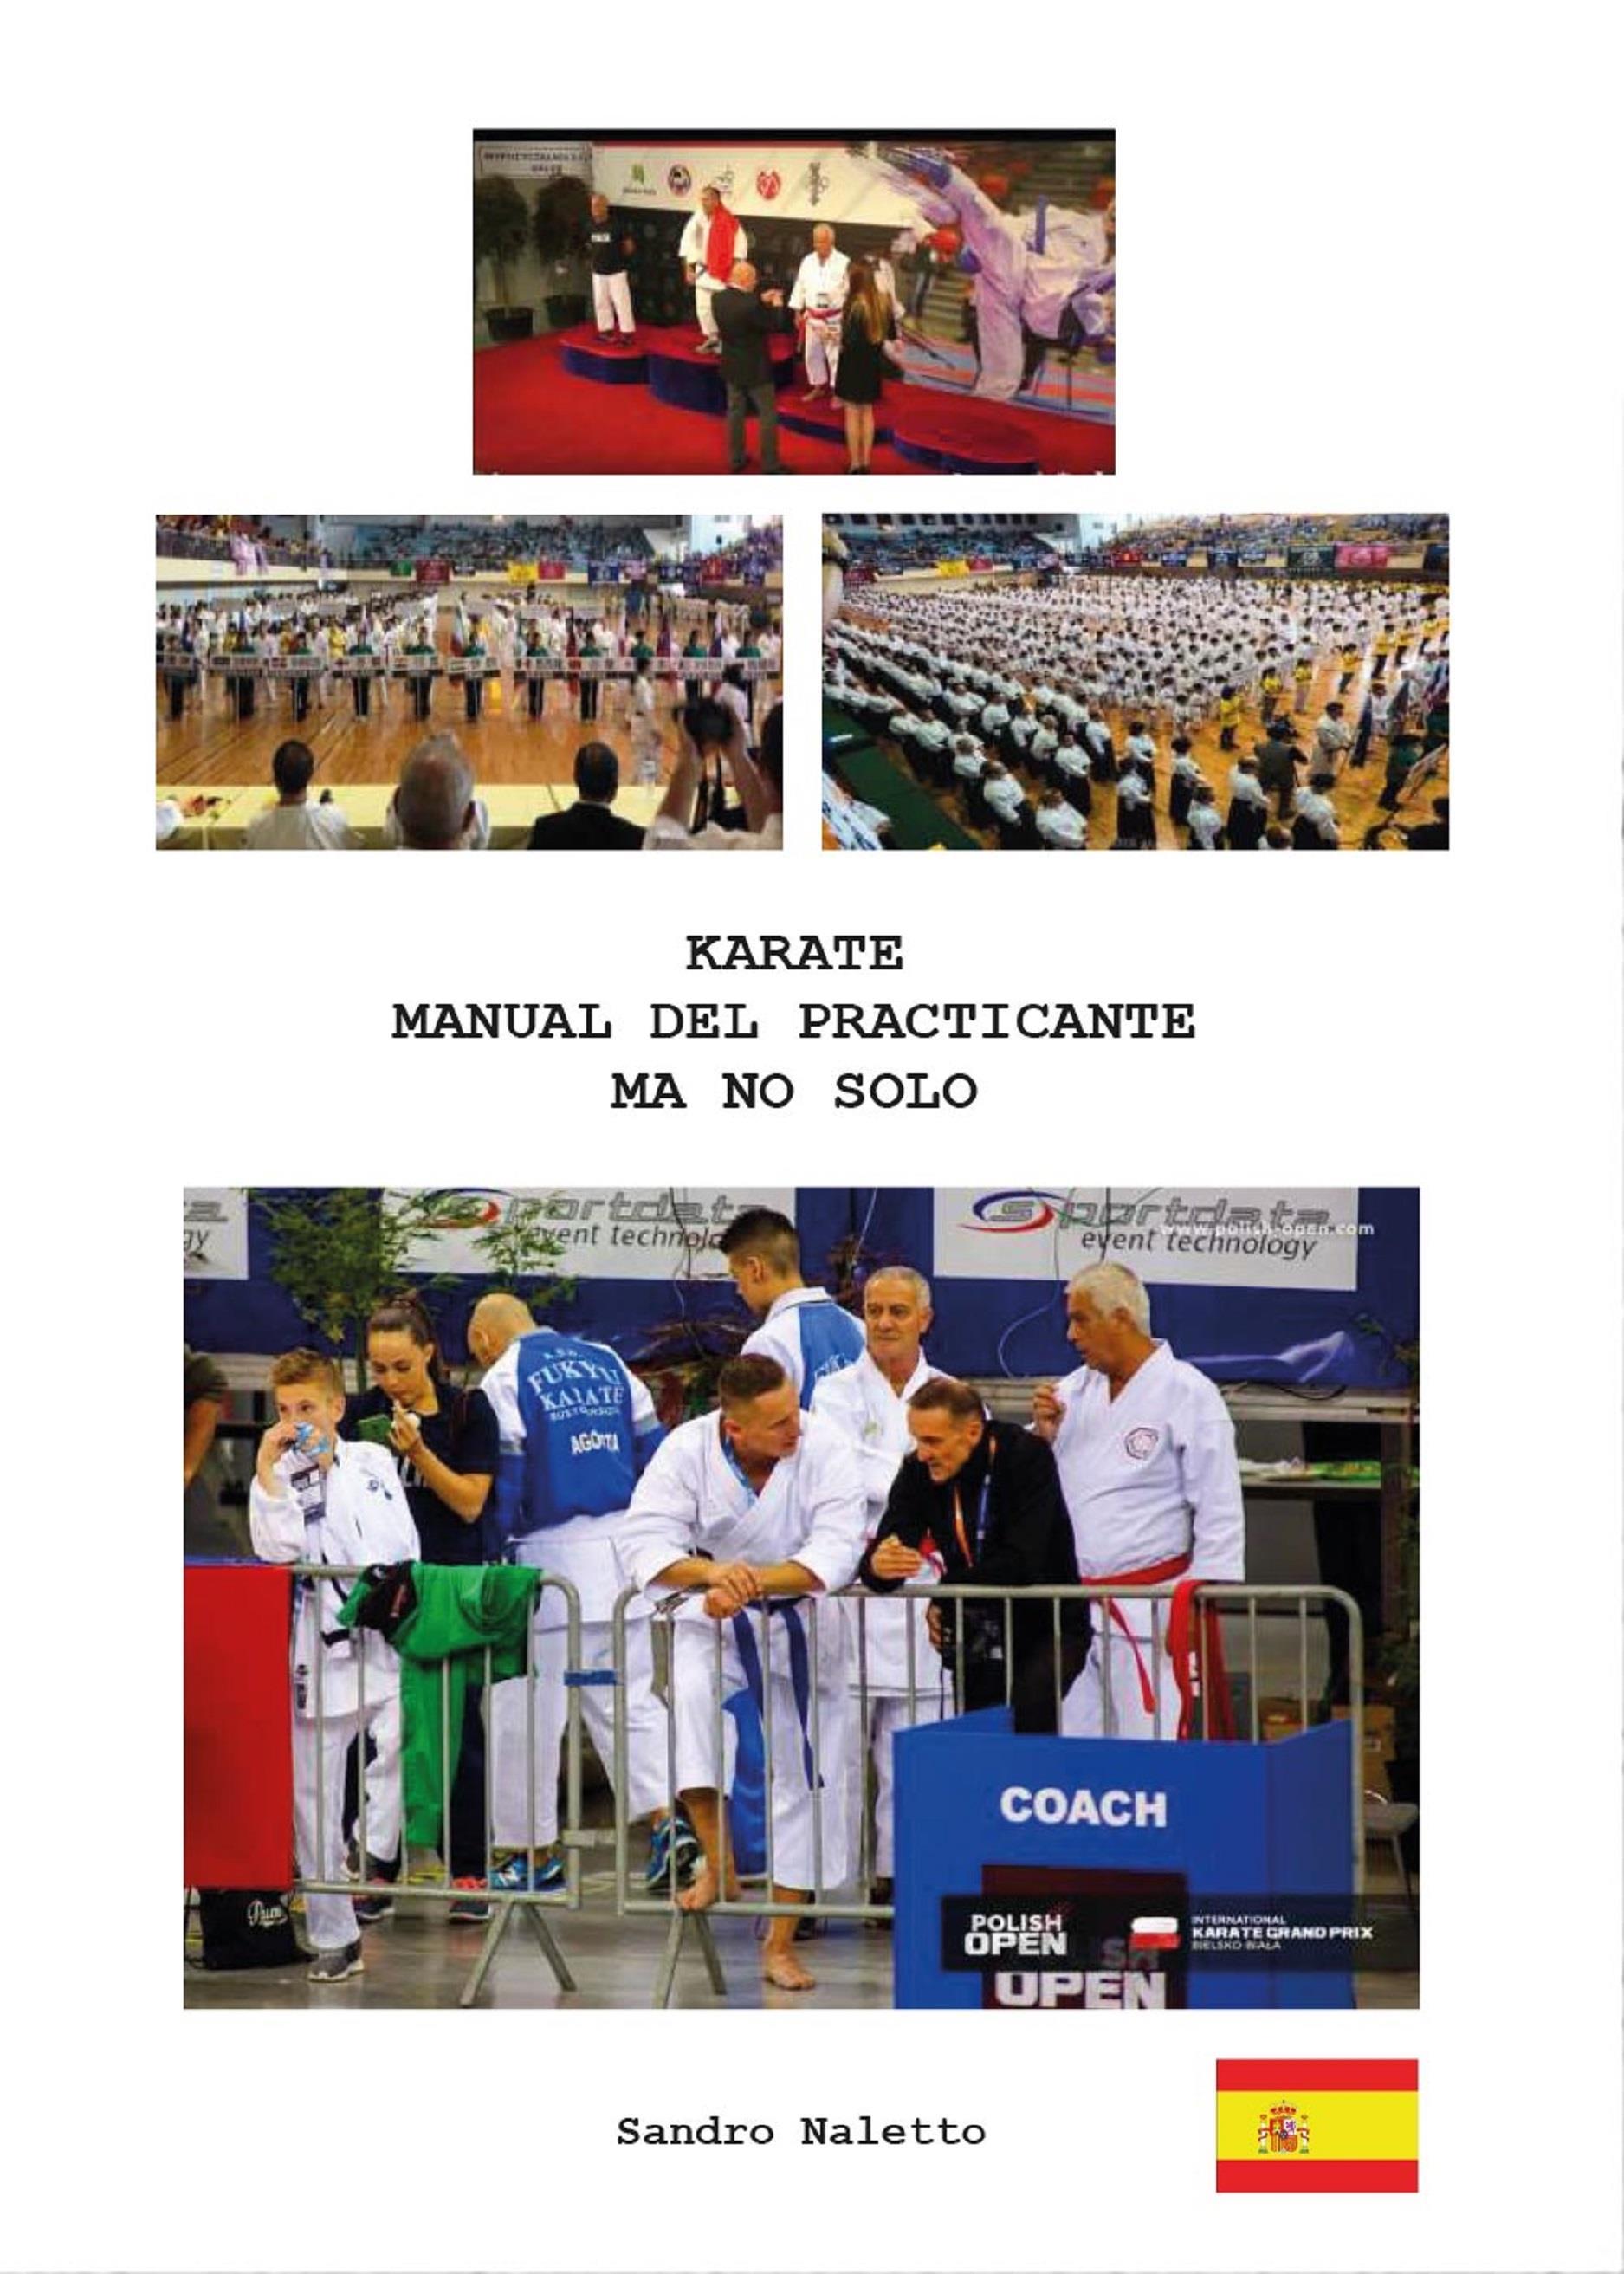 Karate manual del praticante ma no solo